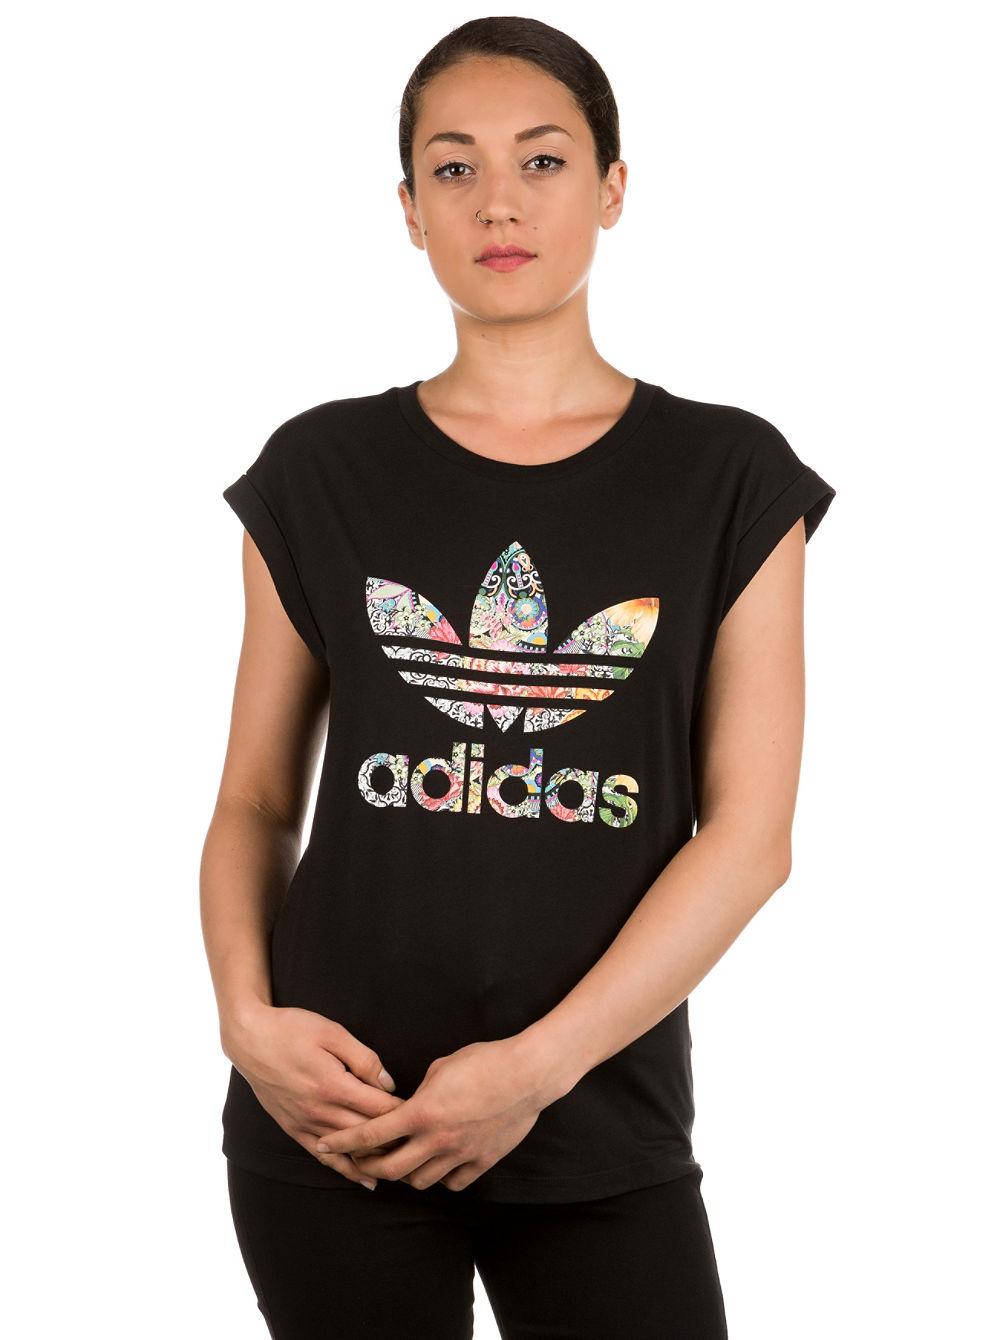 Achetez adidas Originals Jardim Agharta BF Roll Up T-shirt en ligne sur  blue-tomato.com e7dd2efcb56